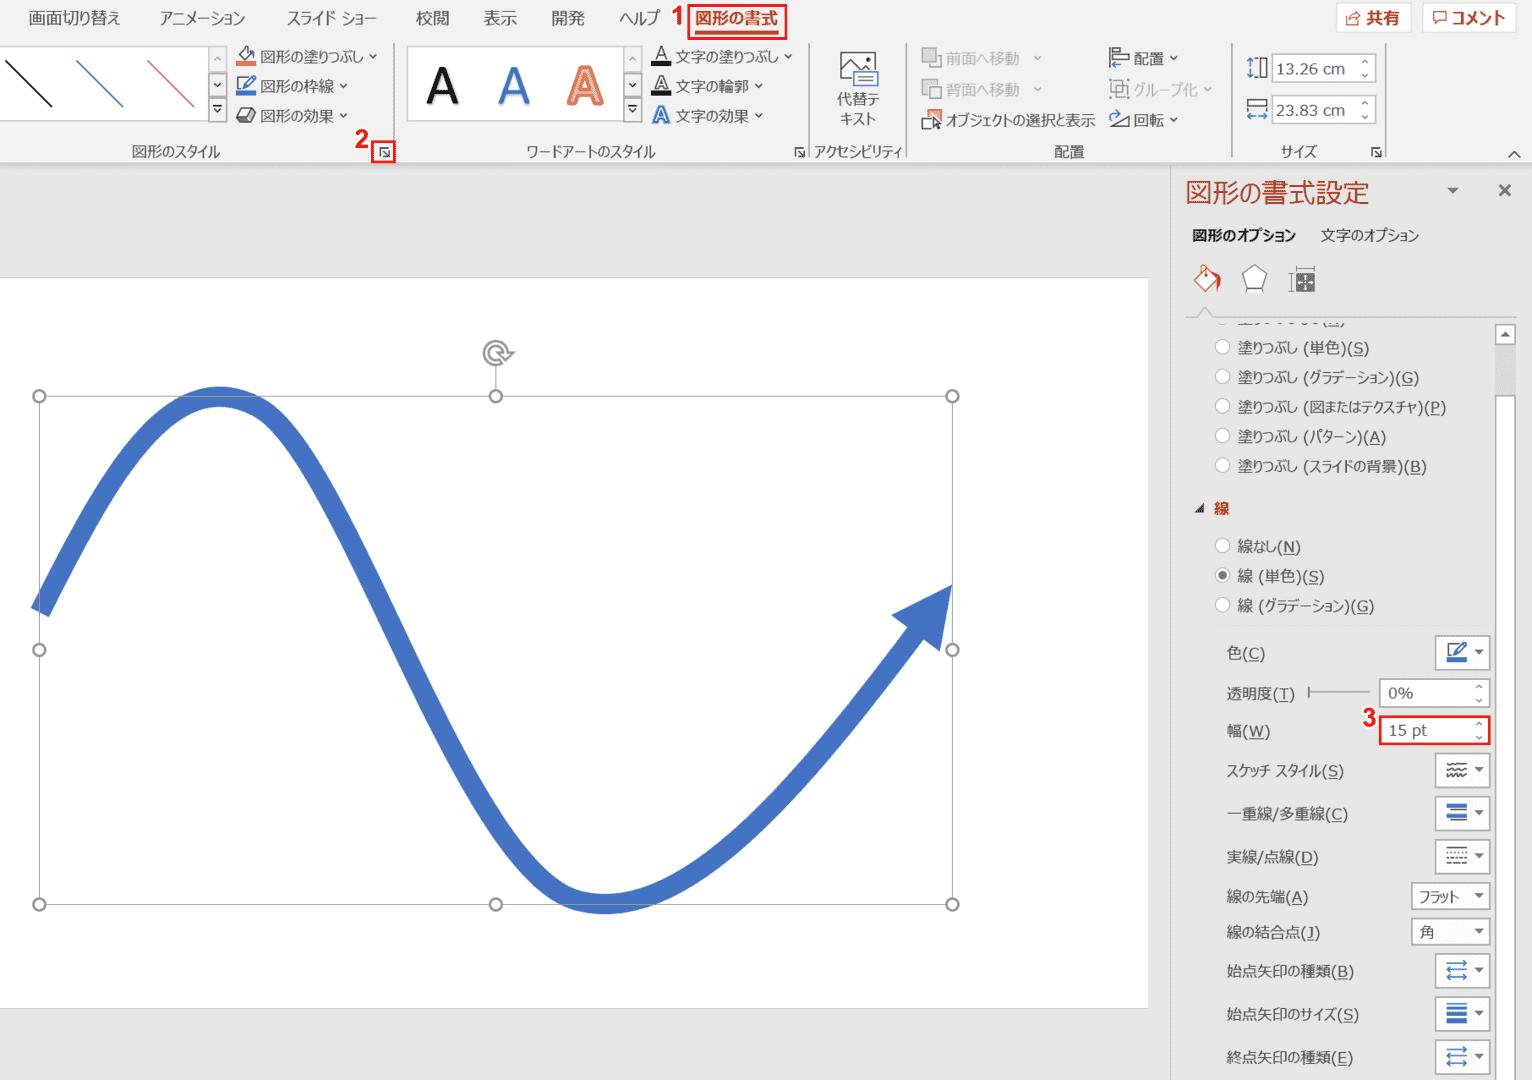 曲線矢印の太さの変更